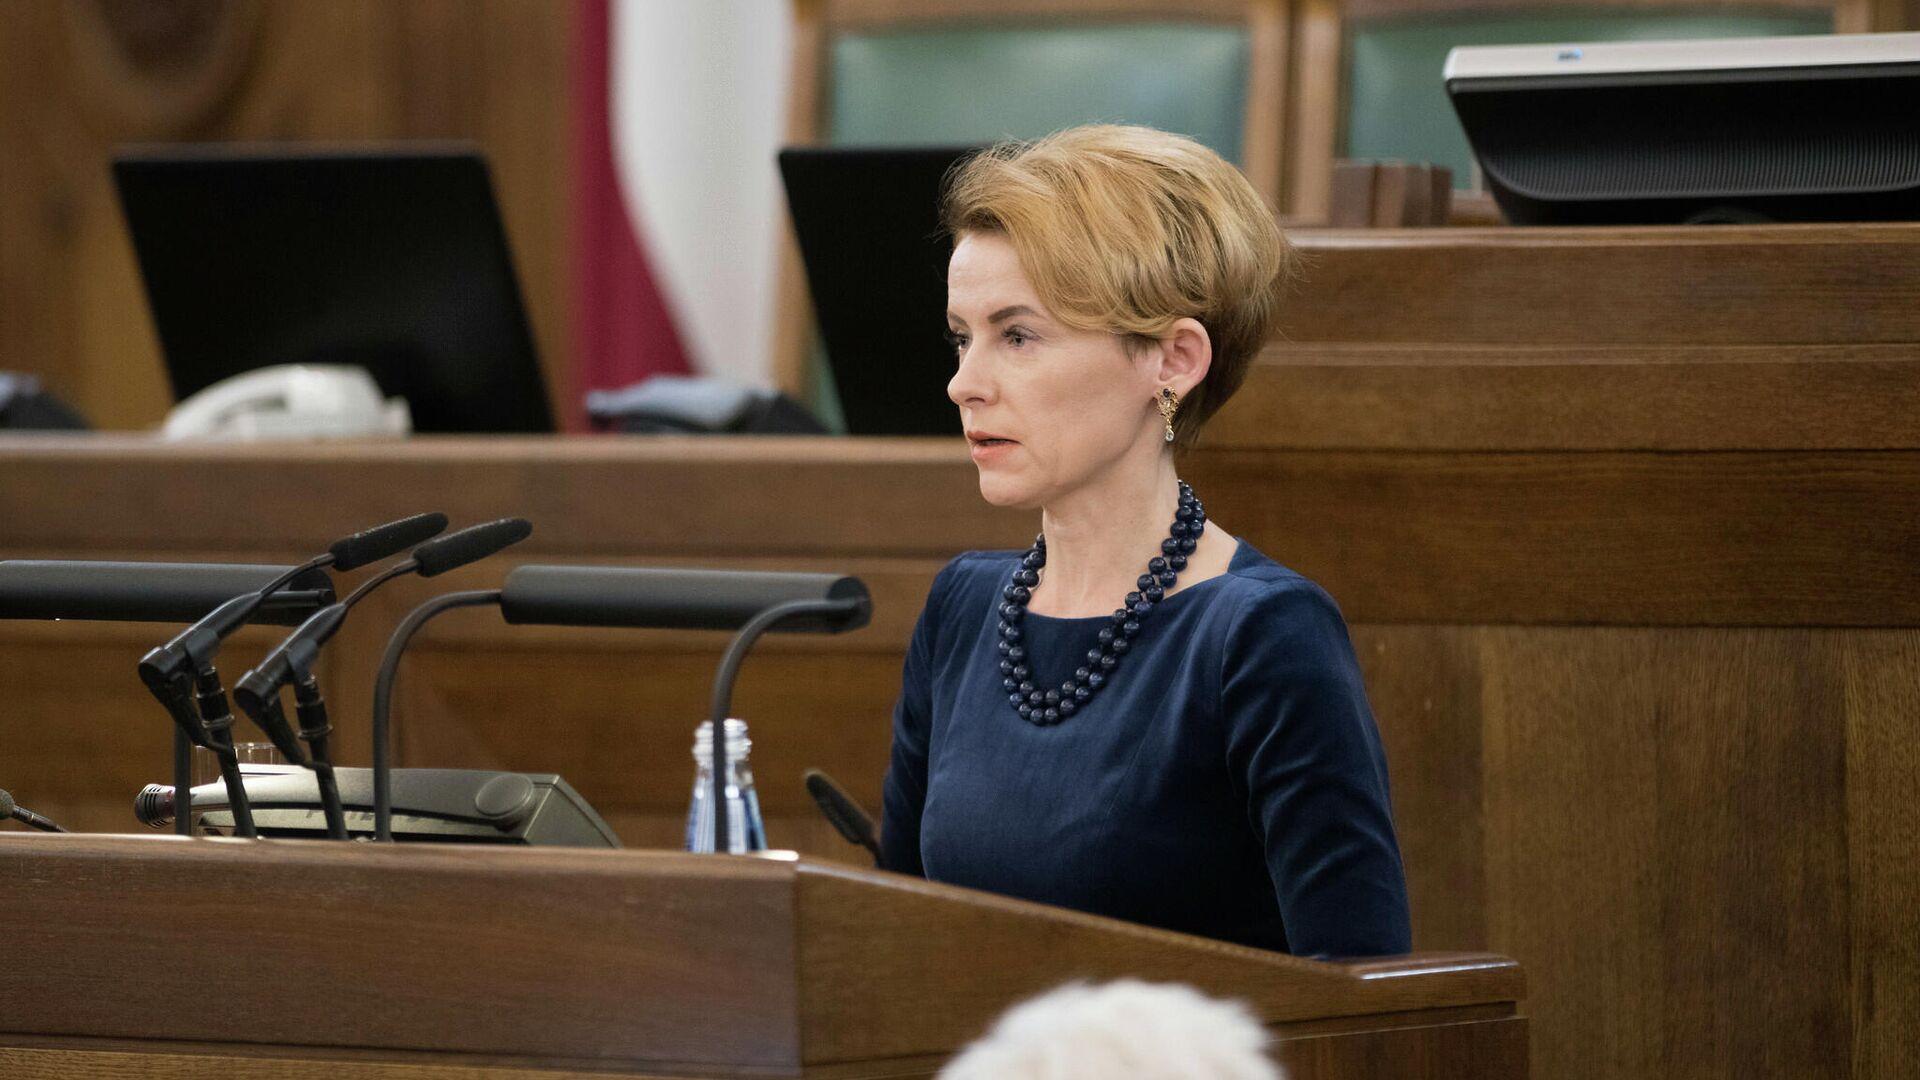 Министр внутренних дел Латвии Мария Голубева - Sputnik Латвия, 1920, 08.07.2021